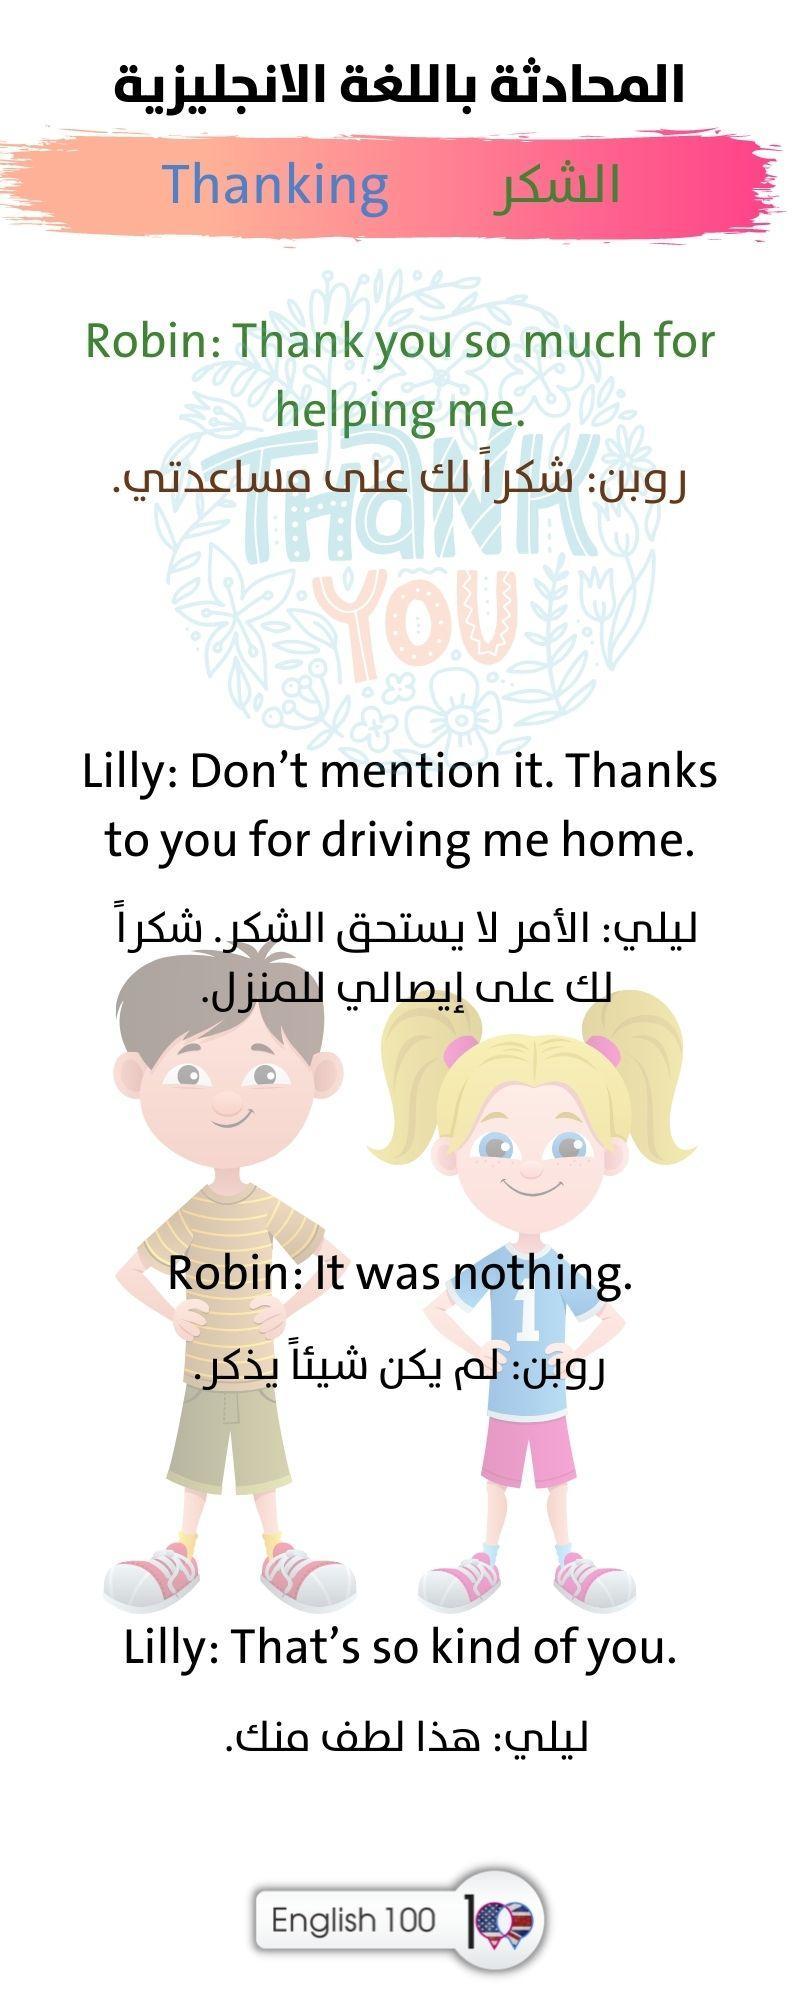 المحادثة باللغة الانجليزية Conversation in English